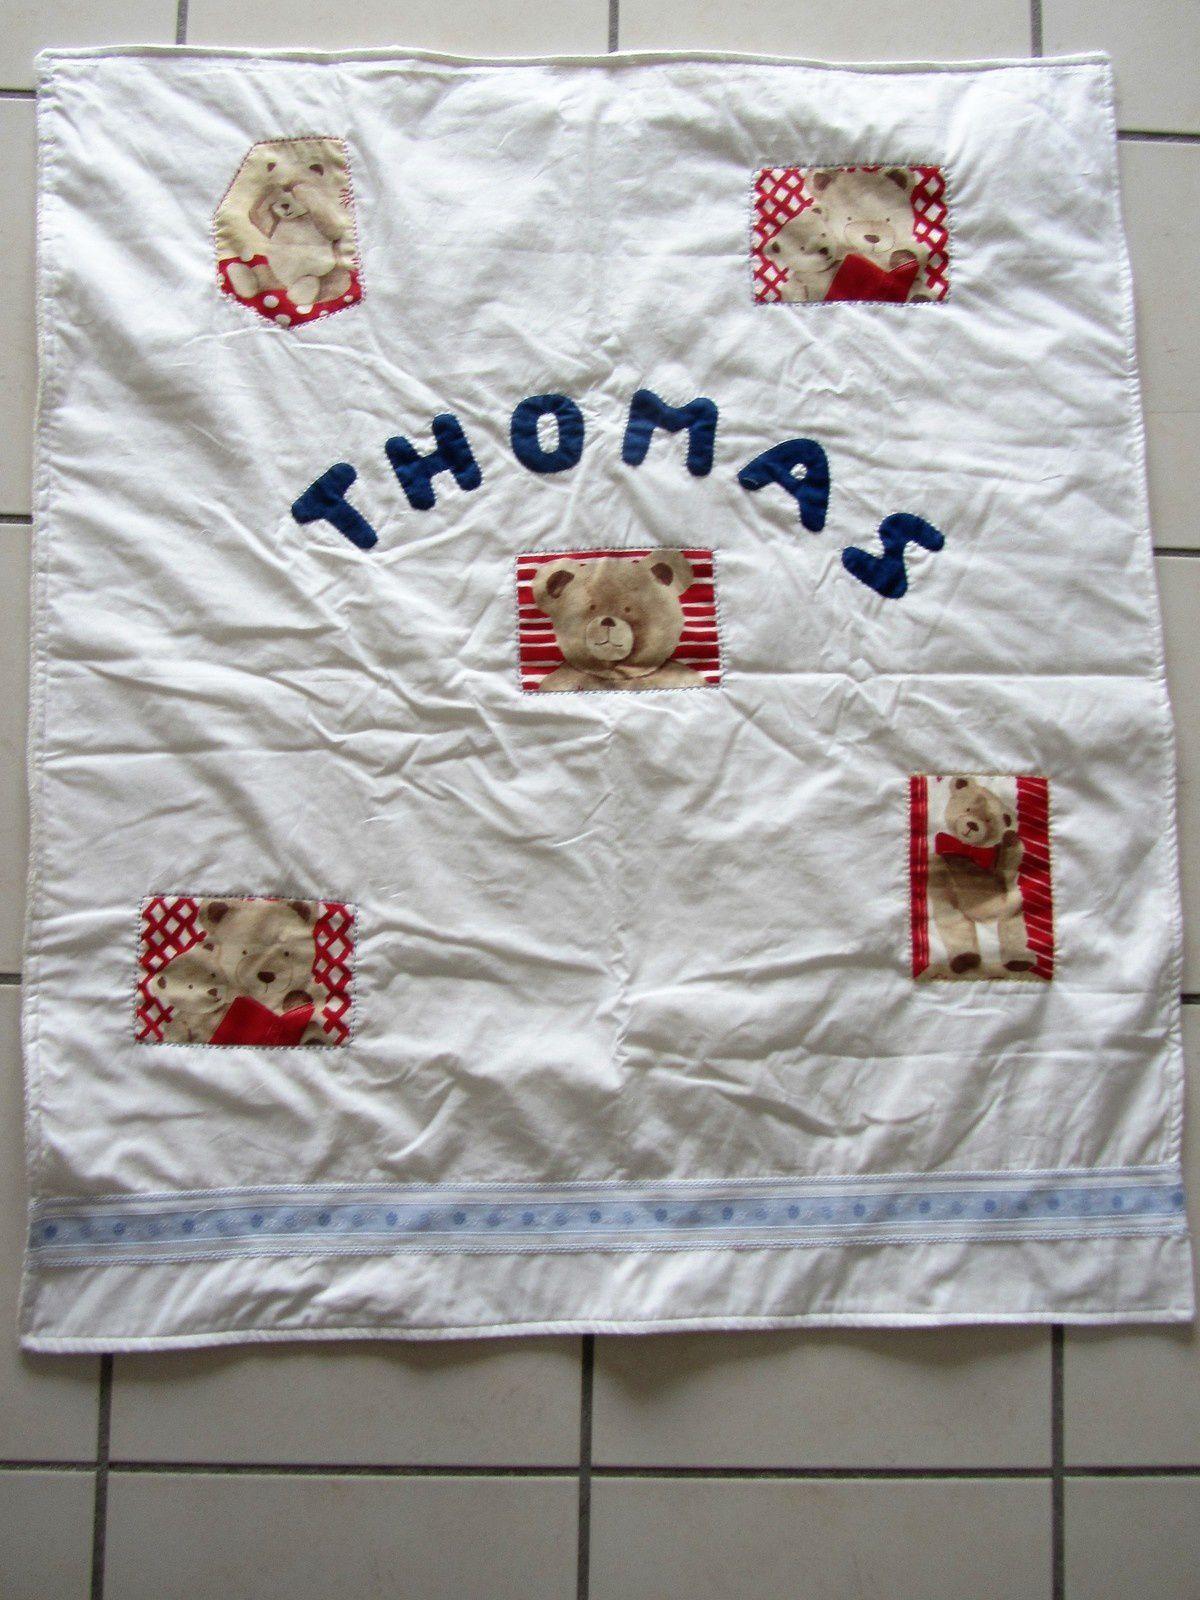 Ma fille Marie est la marraine d'un petit Thomas né en Angleterre. J'ai réalisé cette petite couverture pour lui offrir.